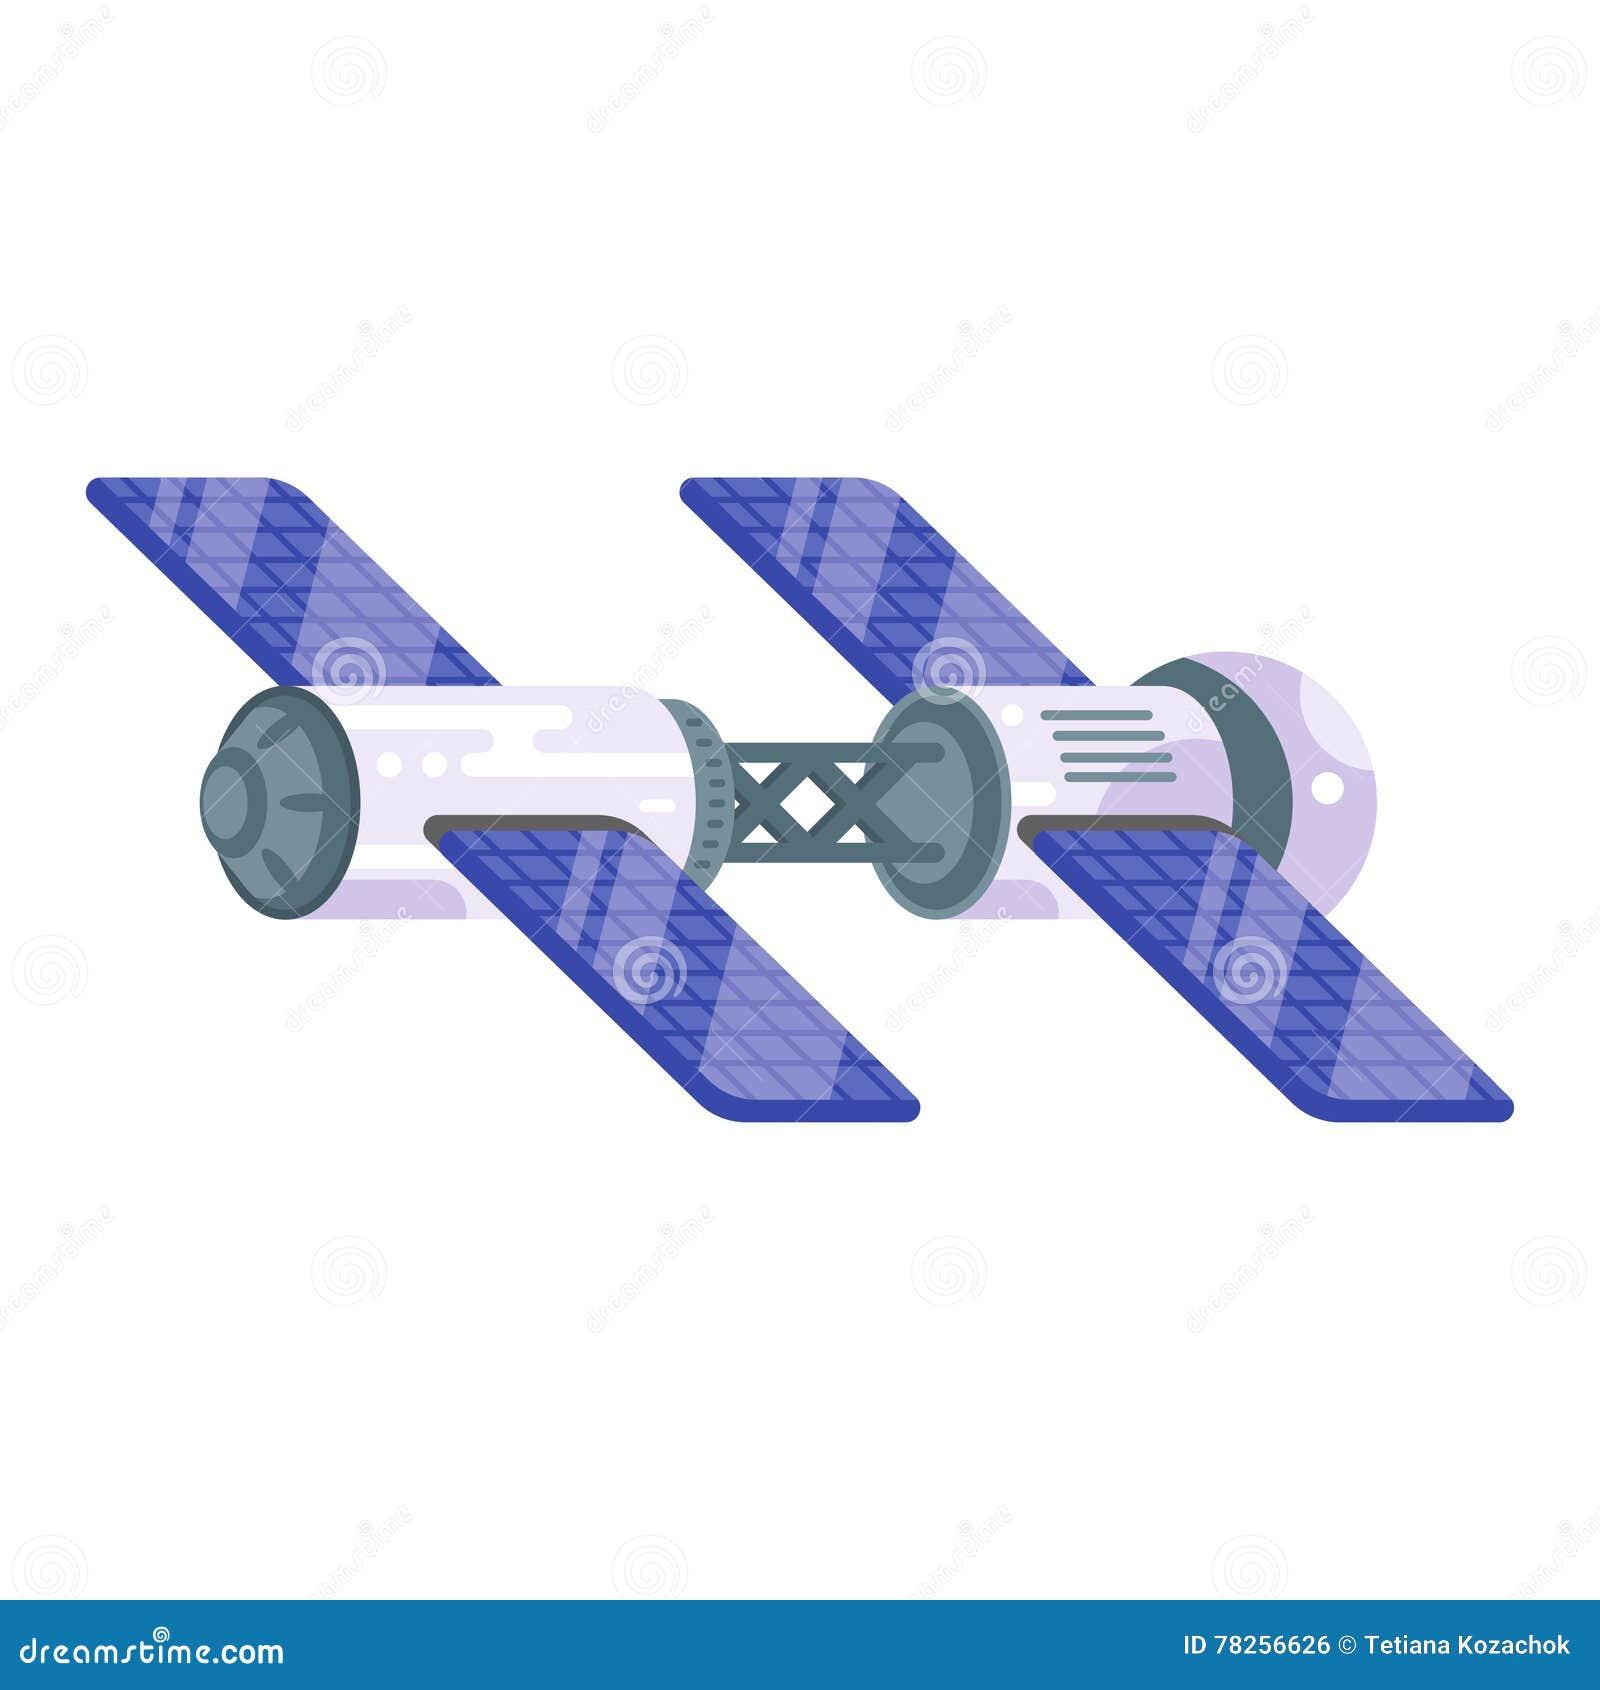 Διανυσματική επίπεδη απεικόνιση ύφους του διαστημικού σταθμού με τα ηλιακά κύτταρα